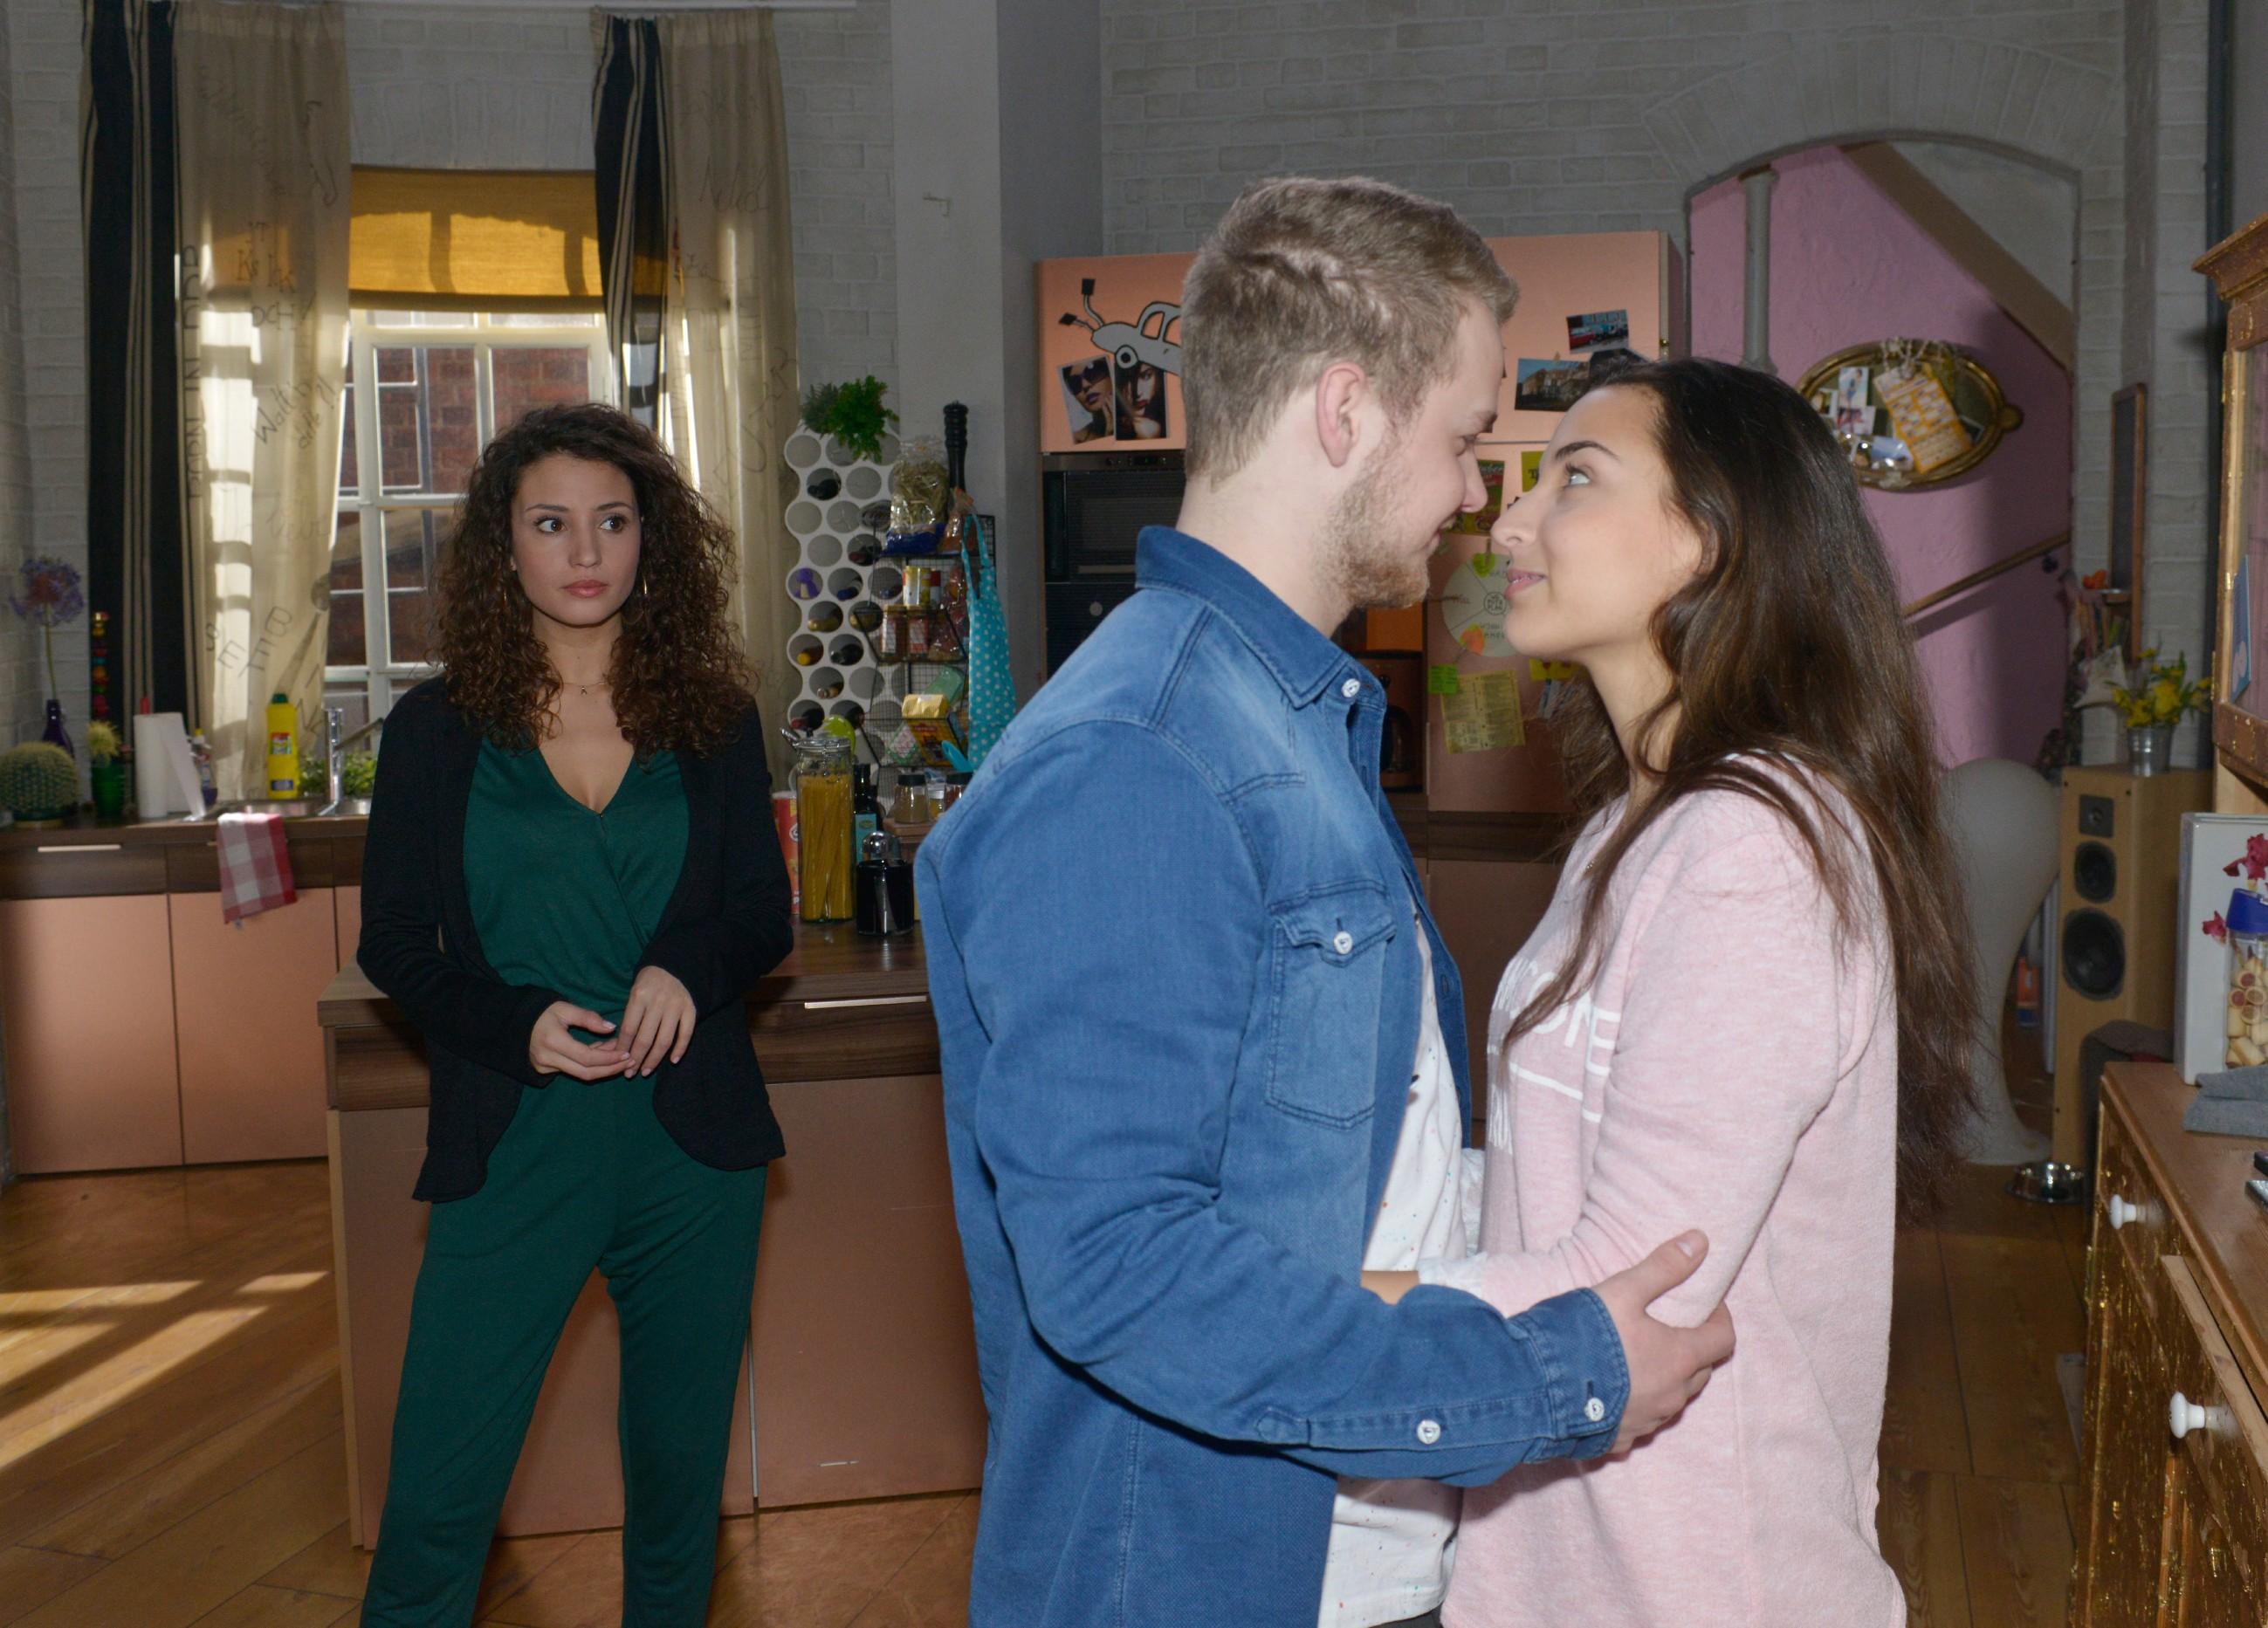 Während Selma (Rona Özkan, r.) und Jonas (Felix van Deventer) überglücklich ihre Zweisamkeit genießen, sorgt Ayla (Nadine Menz) sich um Selmas Unschuld. (Quelle: RTL / Rolf Baumgartner)